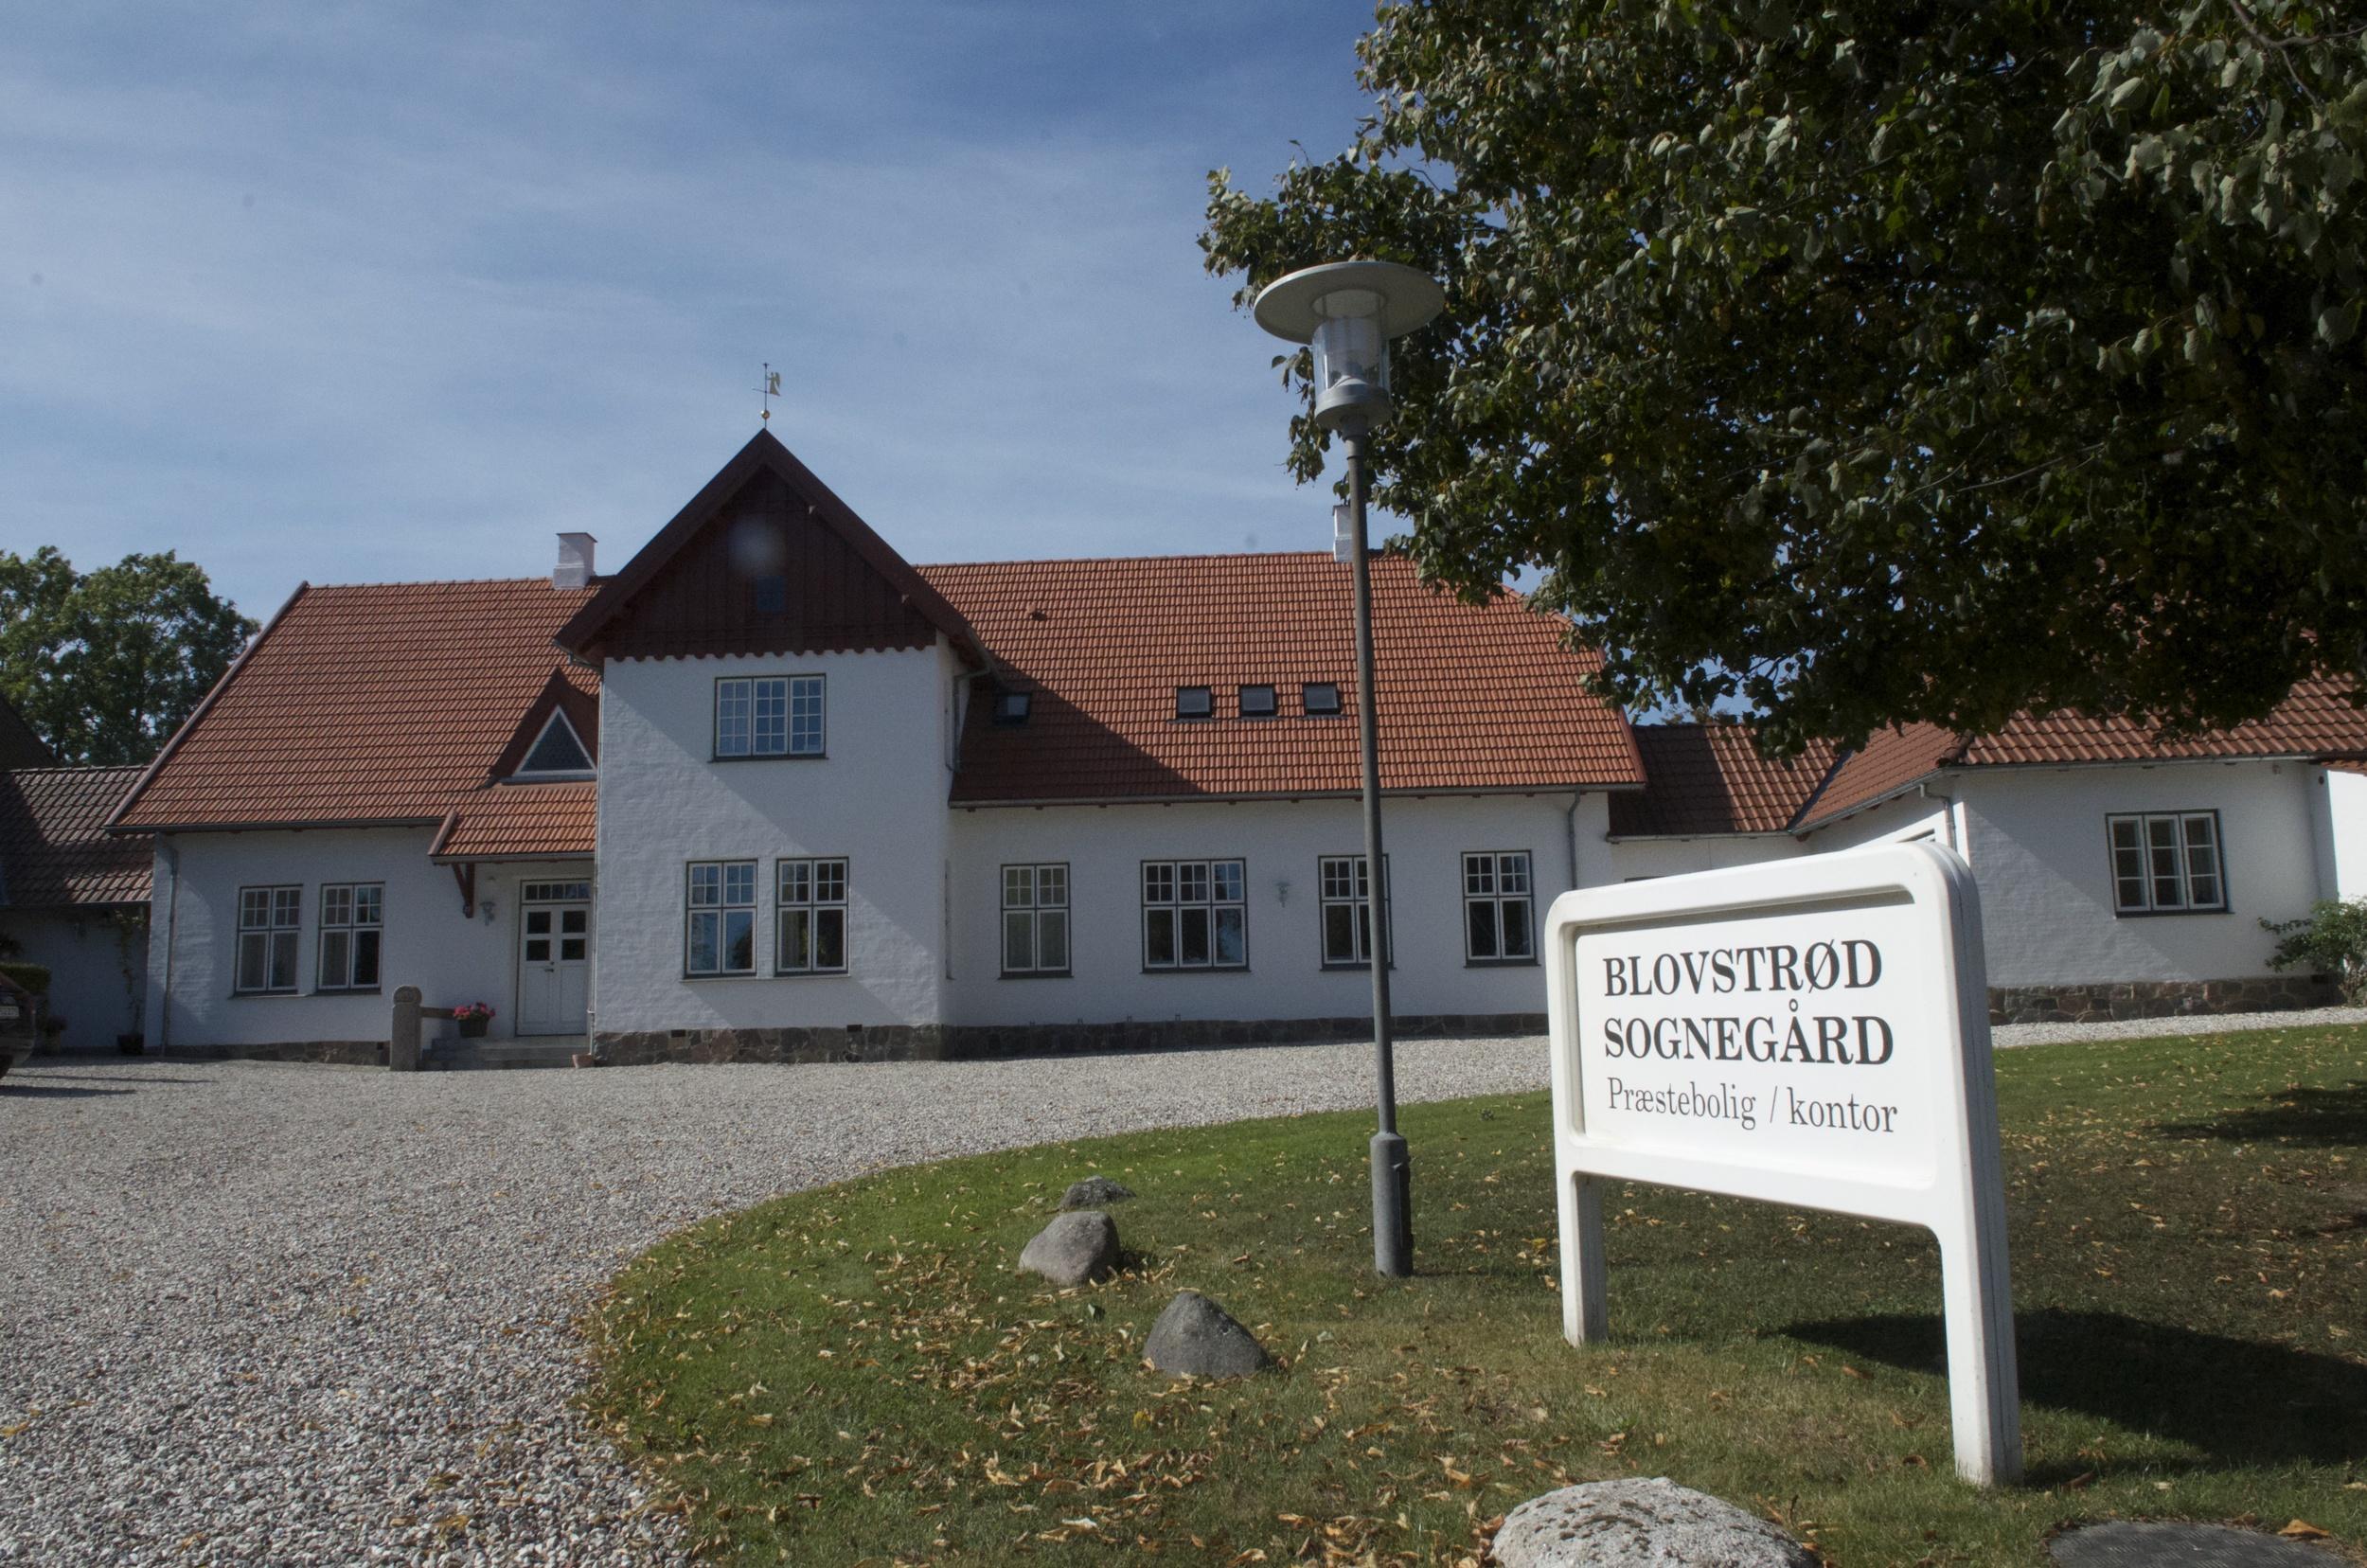 Den lille koncert opføres i Blovstrød Sognegård. Arkivfoto: AOB